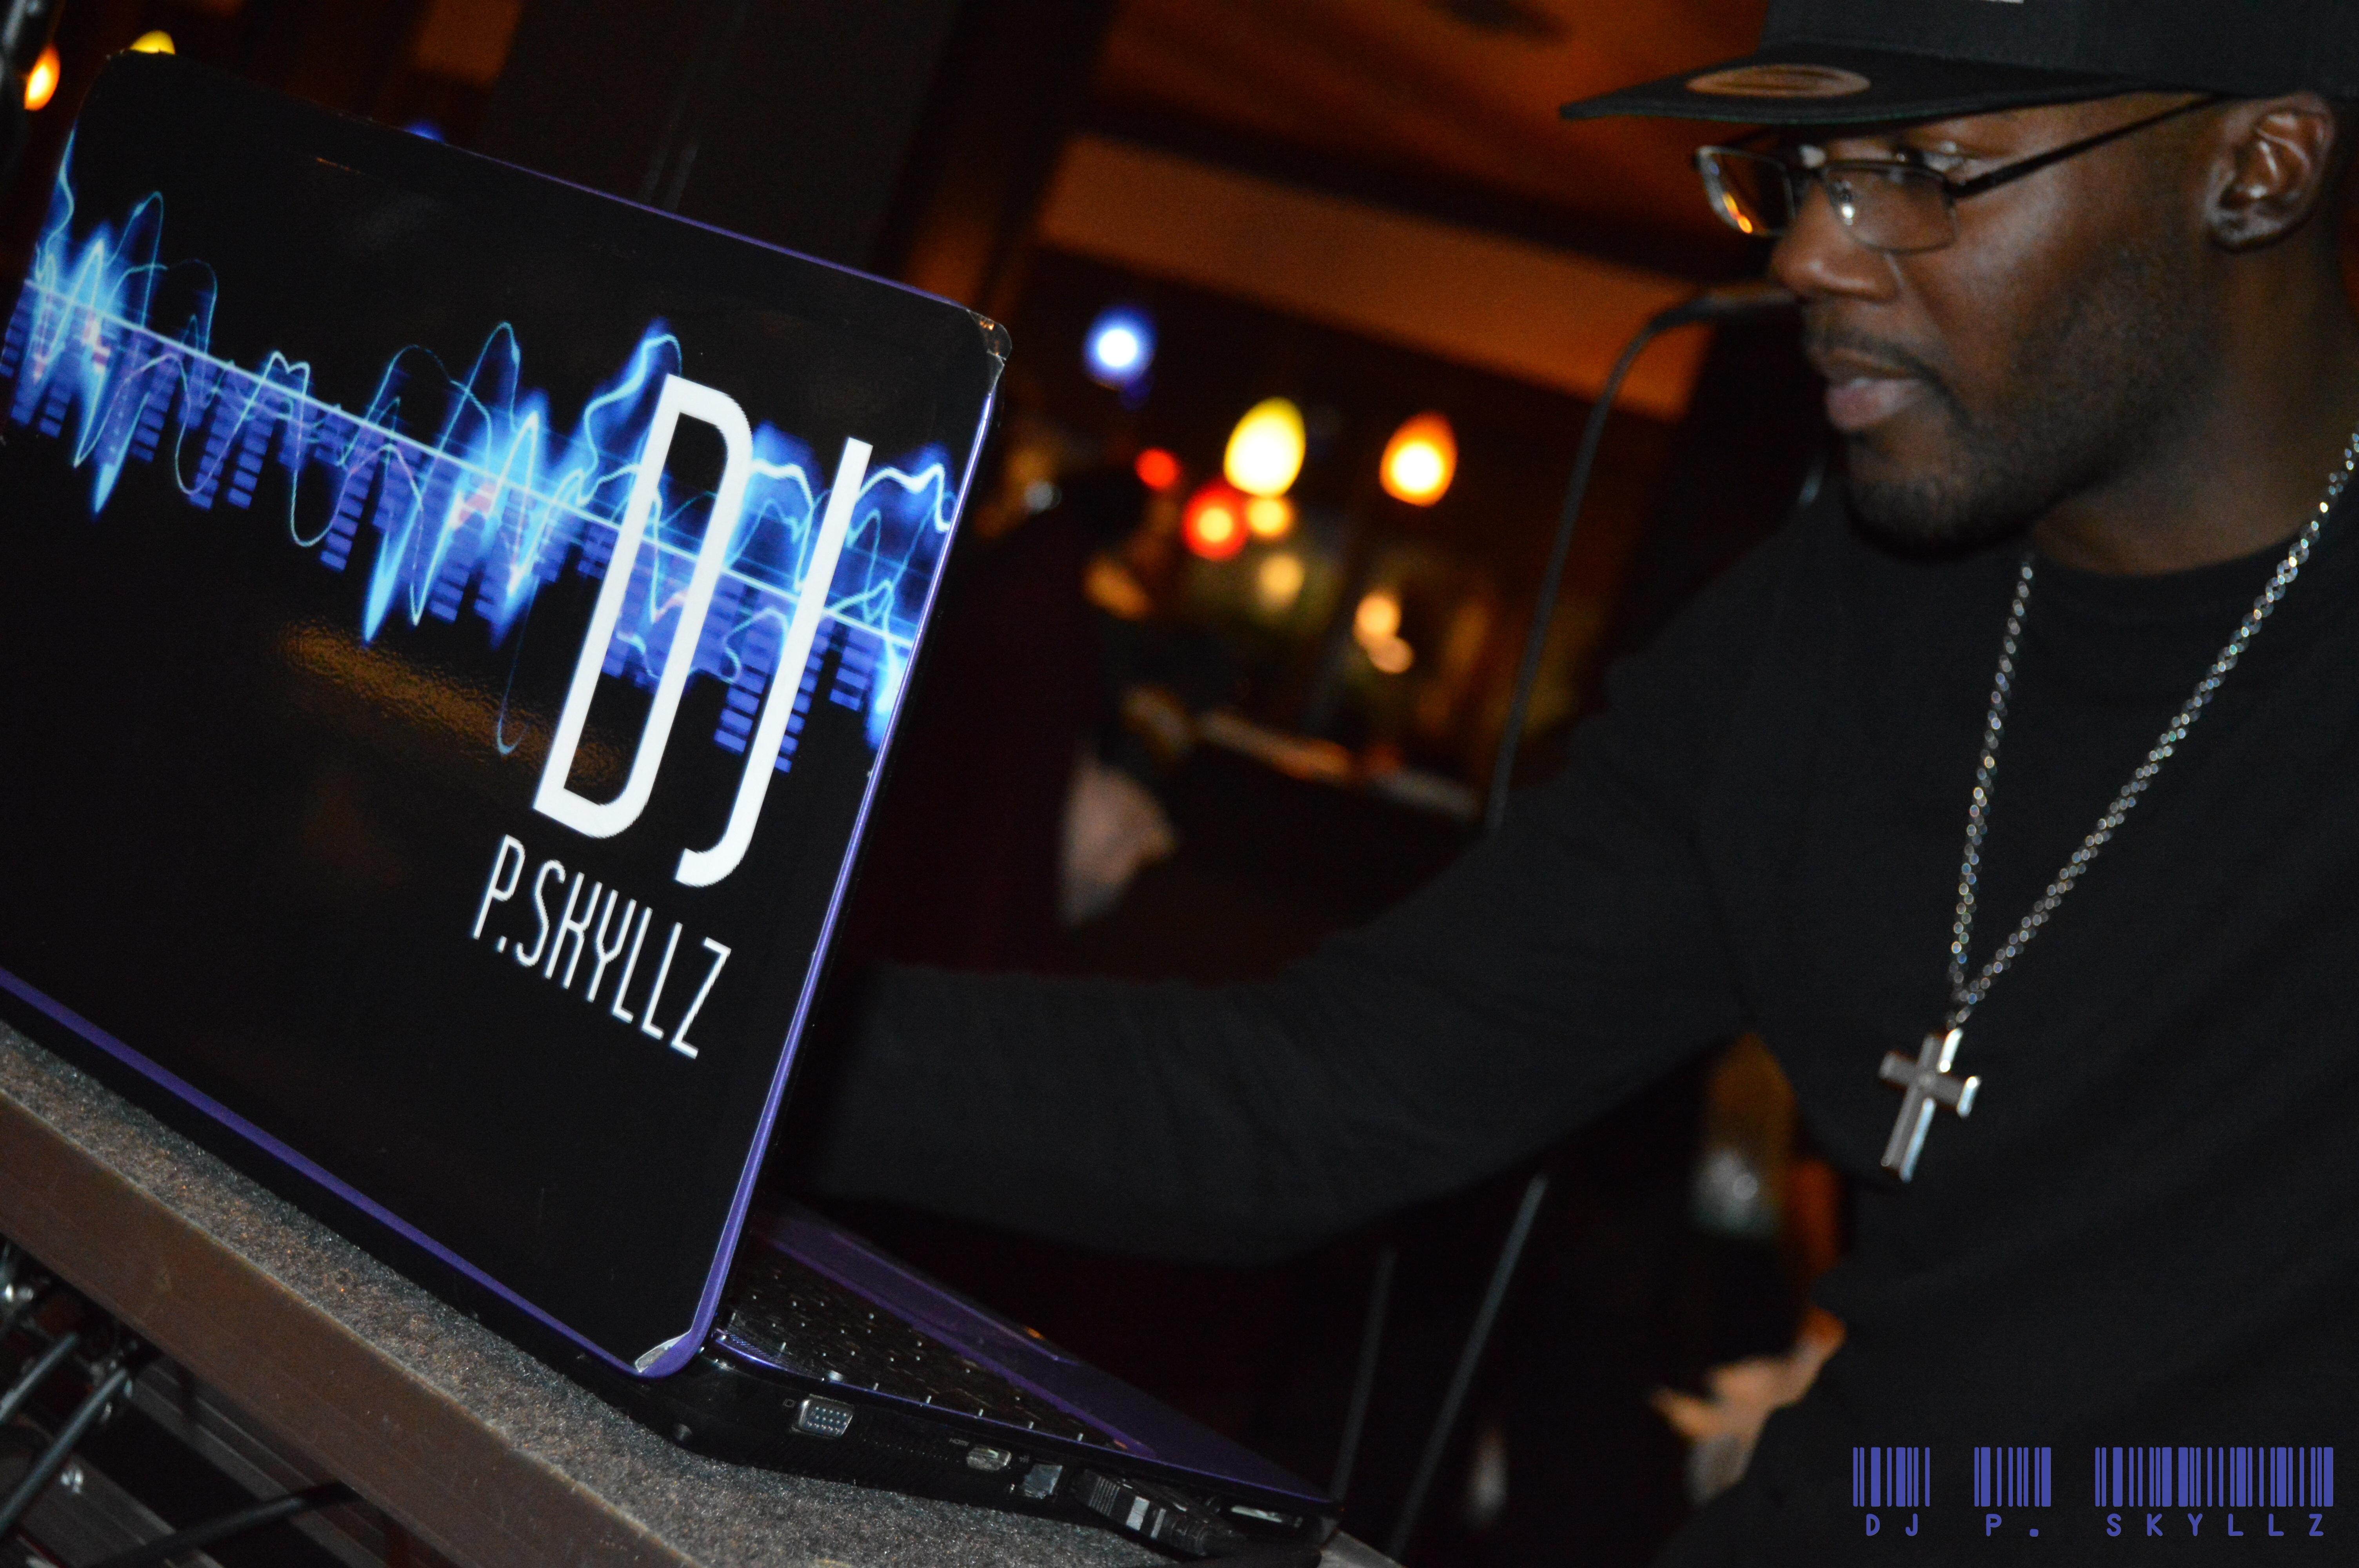 DJ P. Skyllz 29